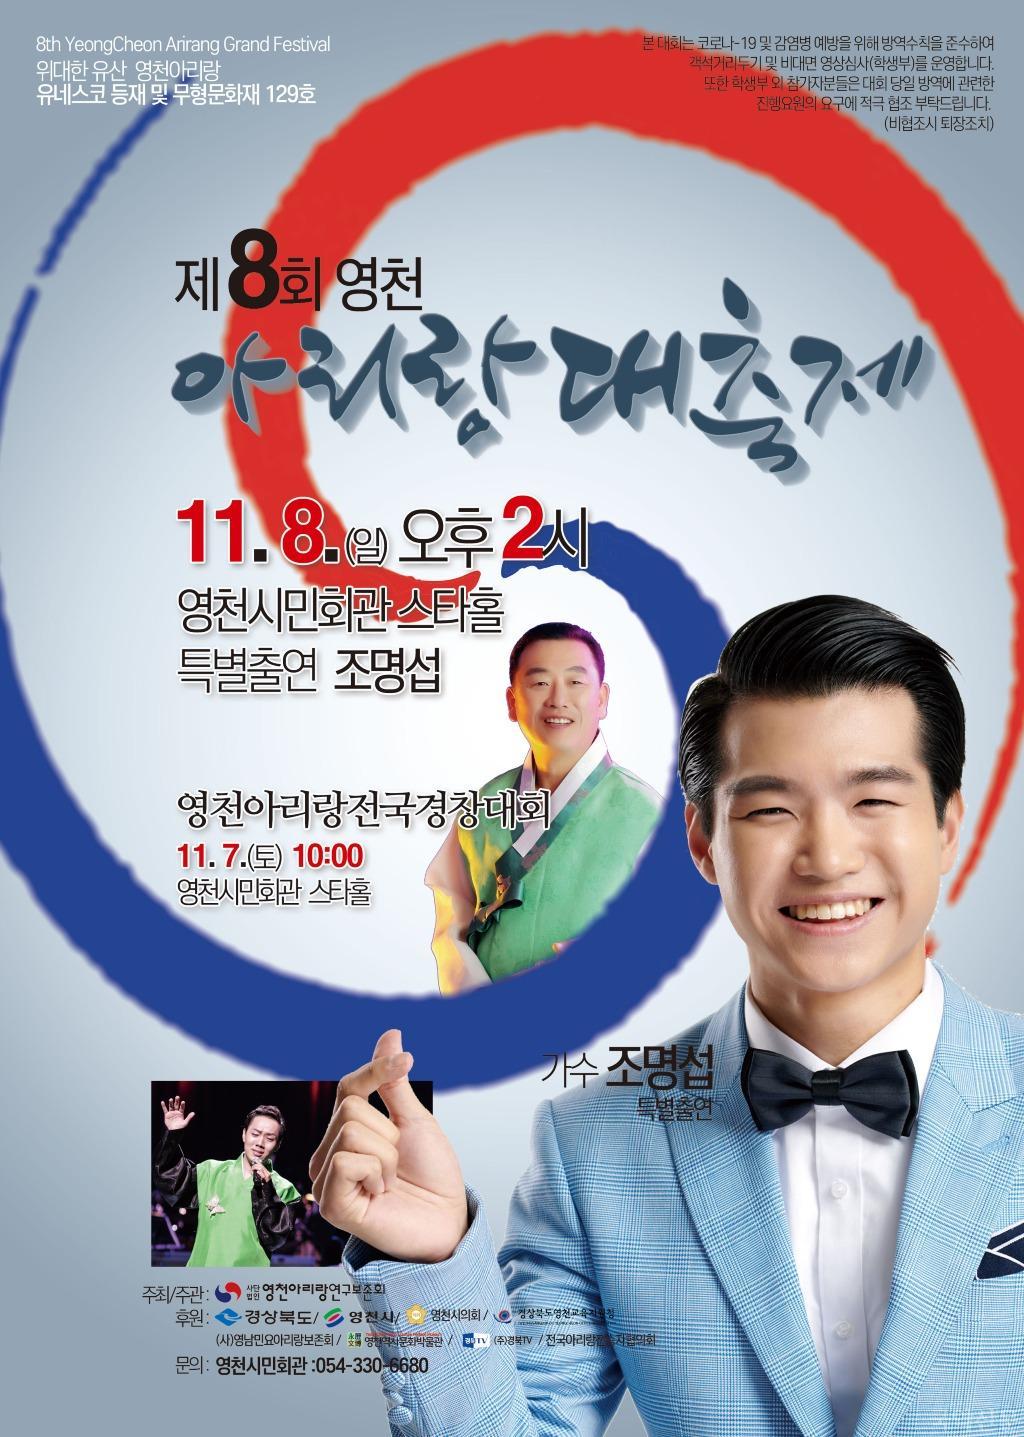 영천아리랑전국경창대회 포스터.jpg